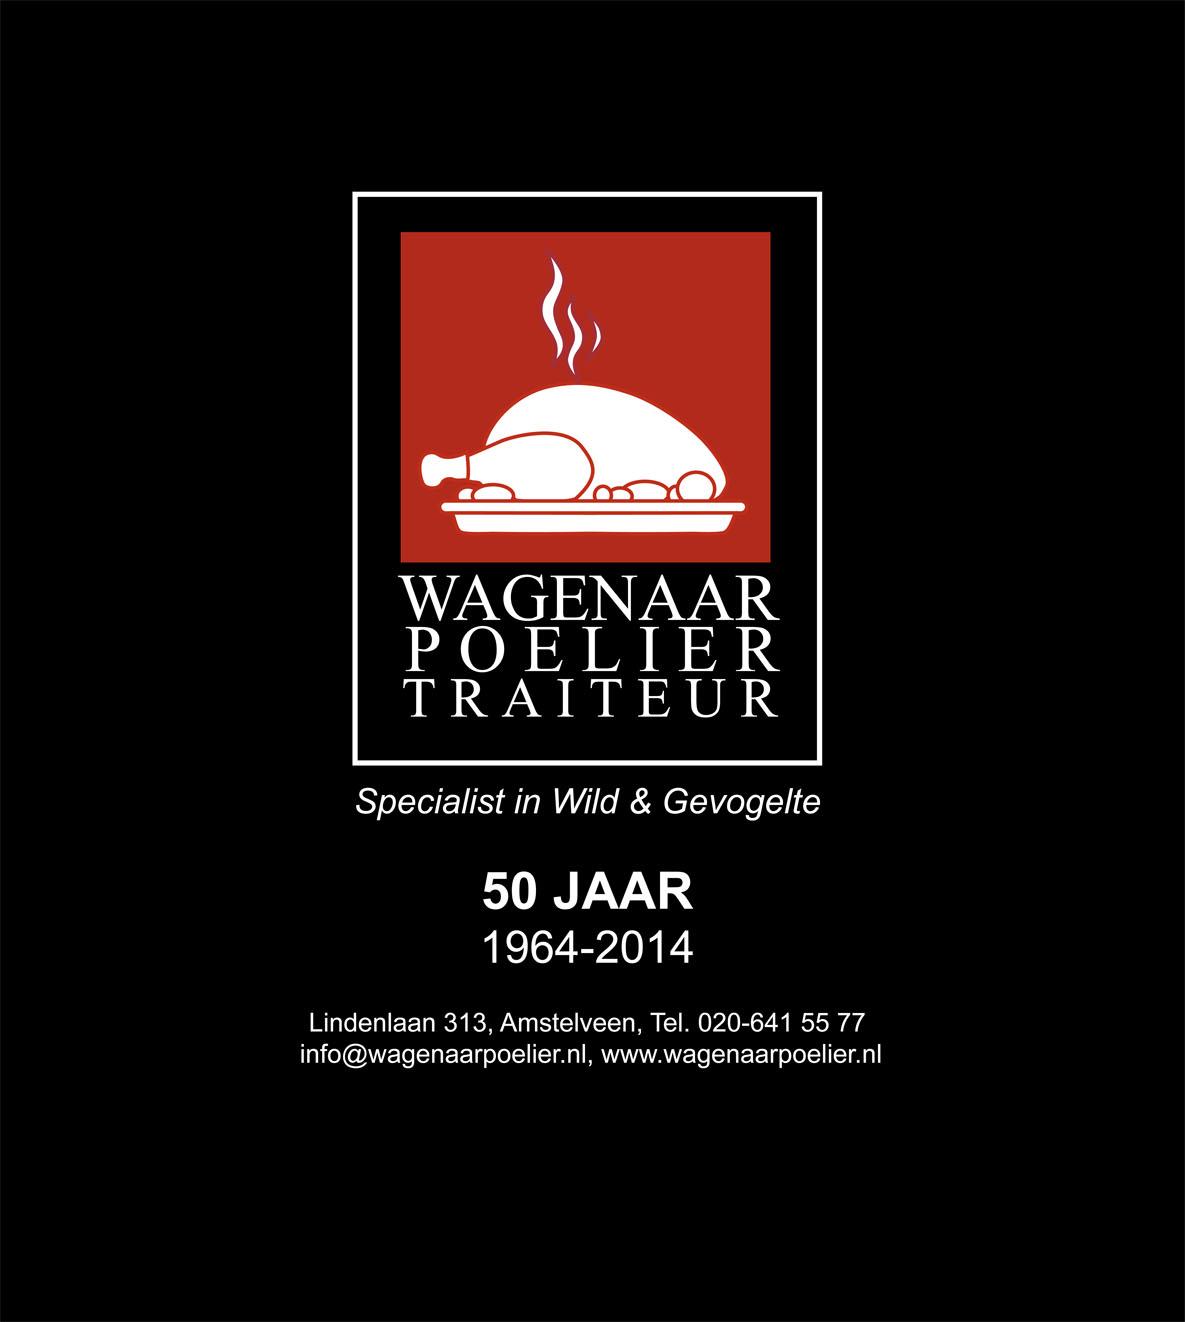 Wagenaar poelier logo 2014.jpg